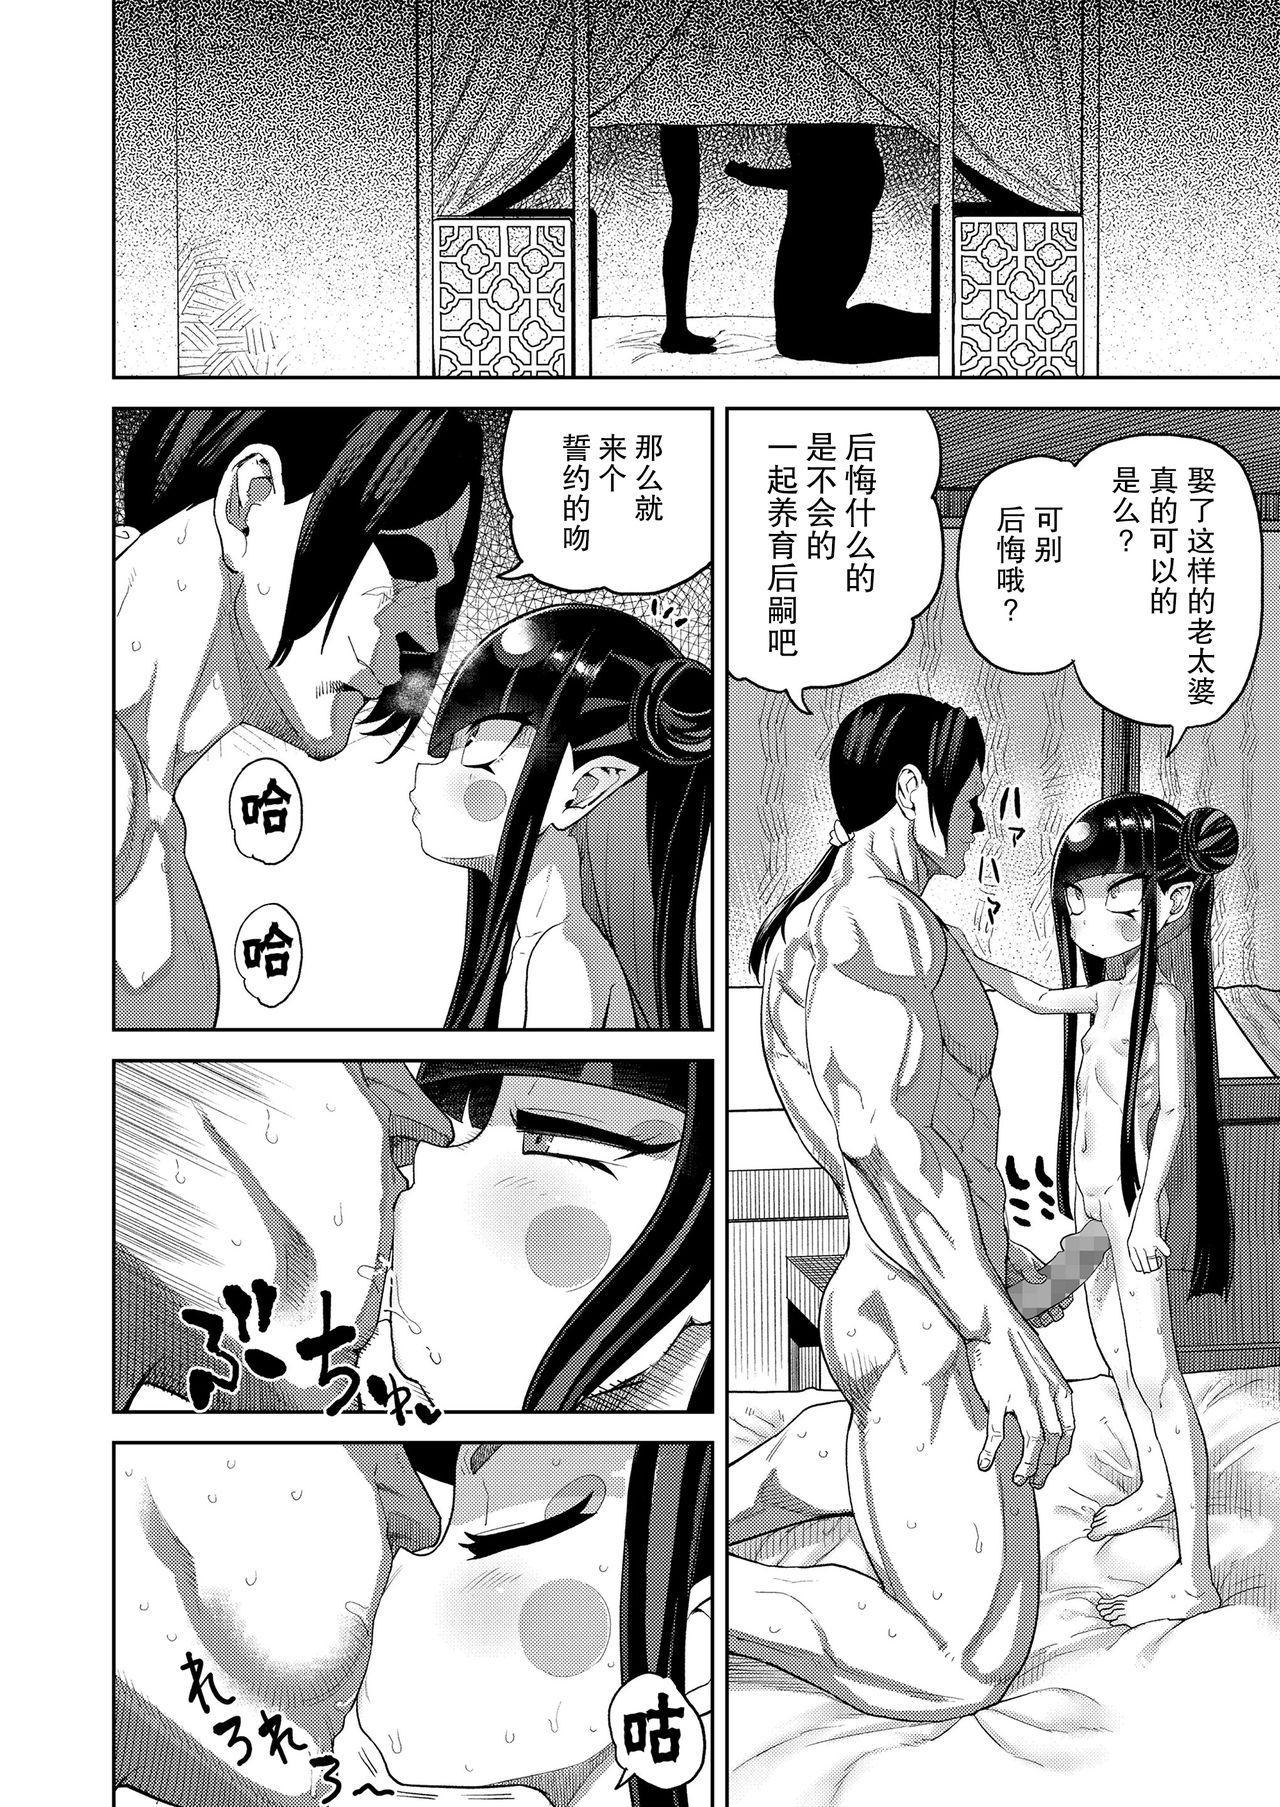 Towako Oboro Emaki Go 37